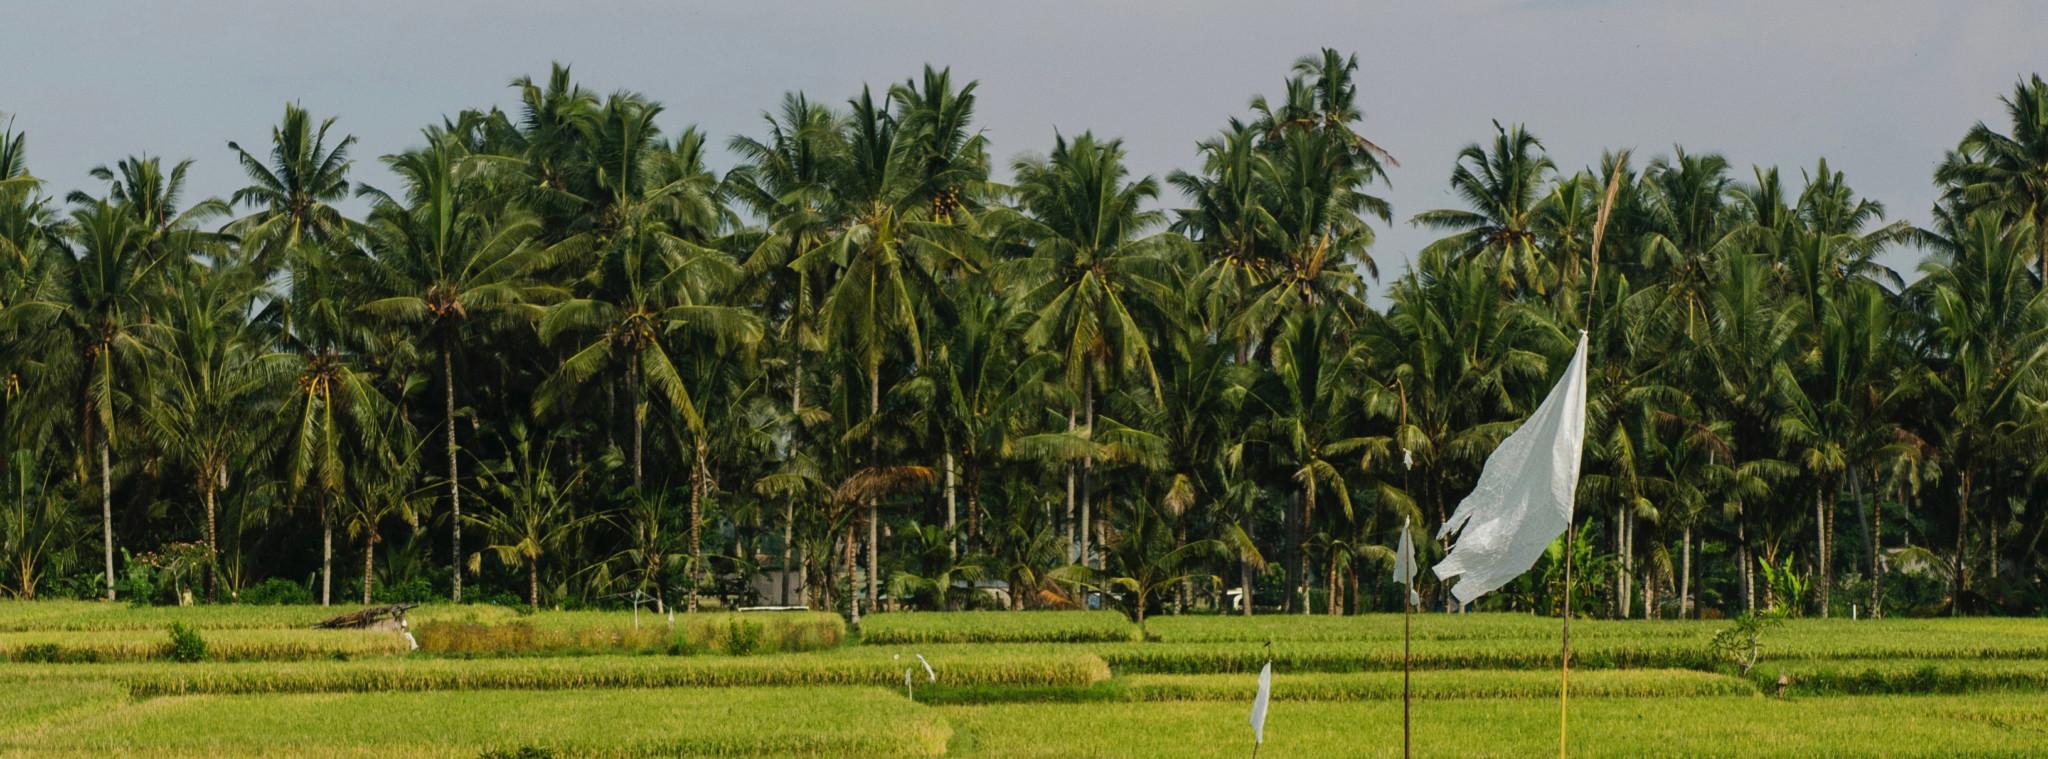 Indonesien Urlaub